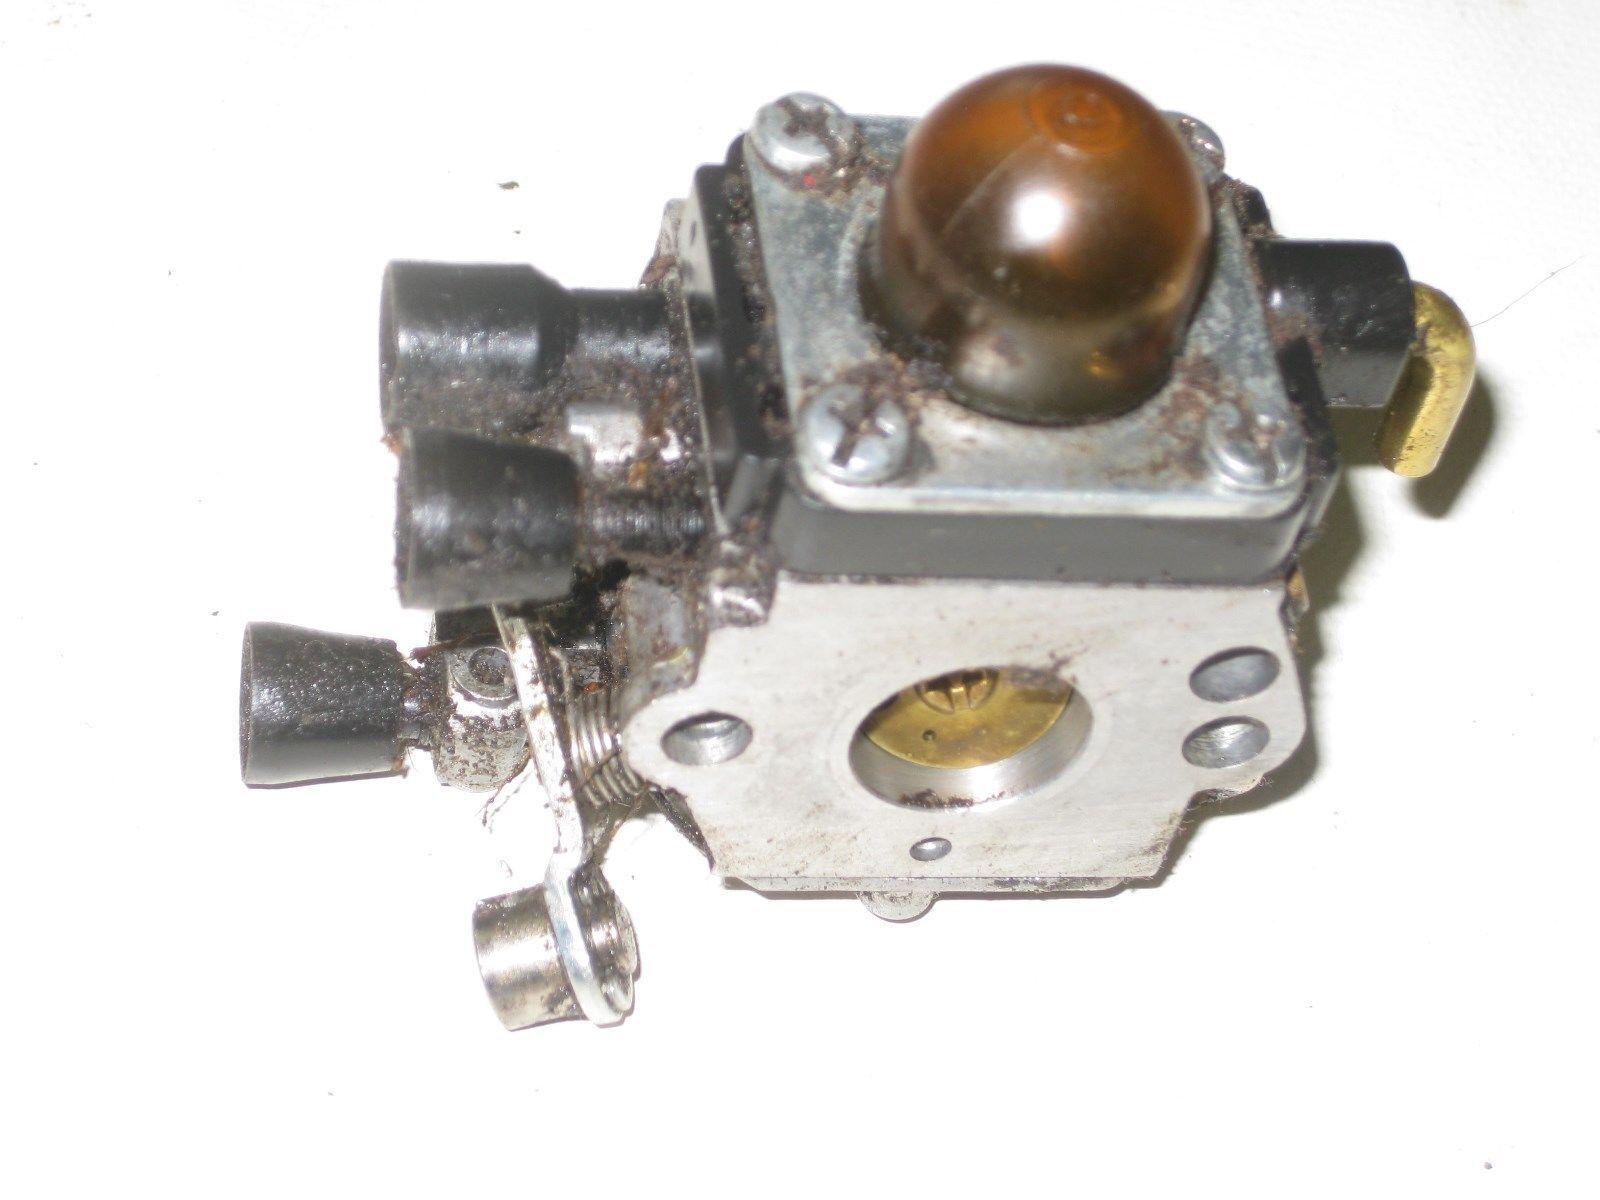 3x Primer für Vergaser passend für Brast Motorsense BRB-FS-5203 BRB-MT-5207